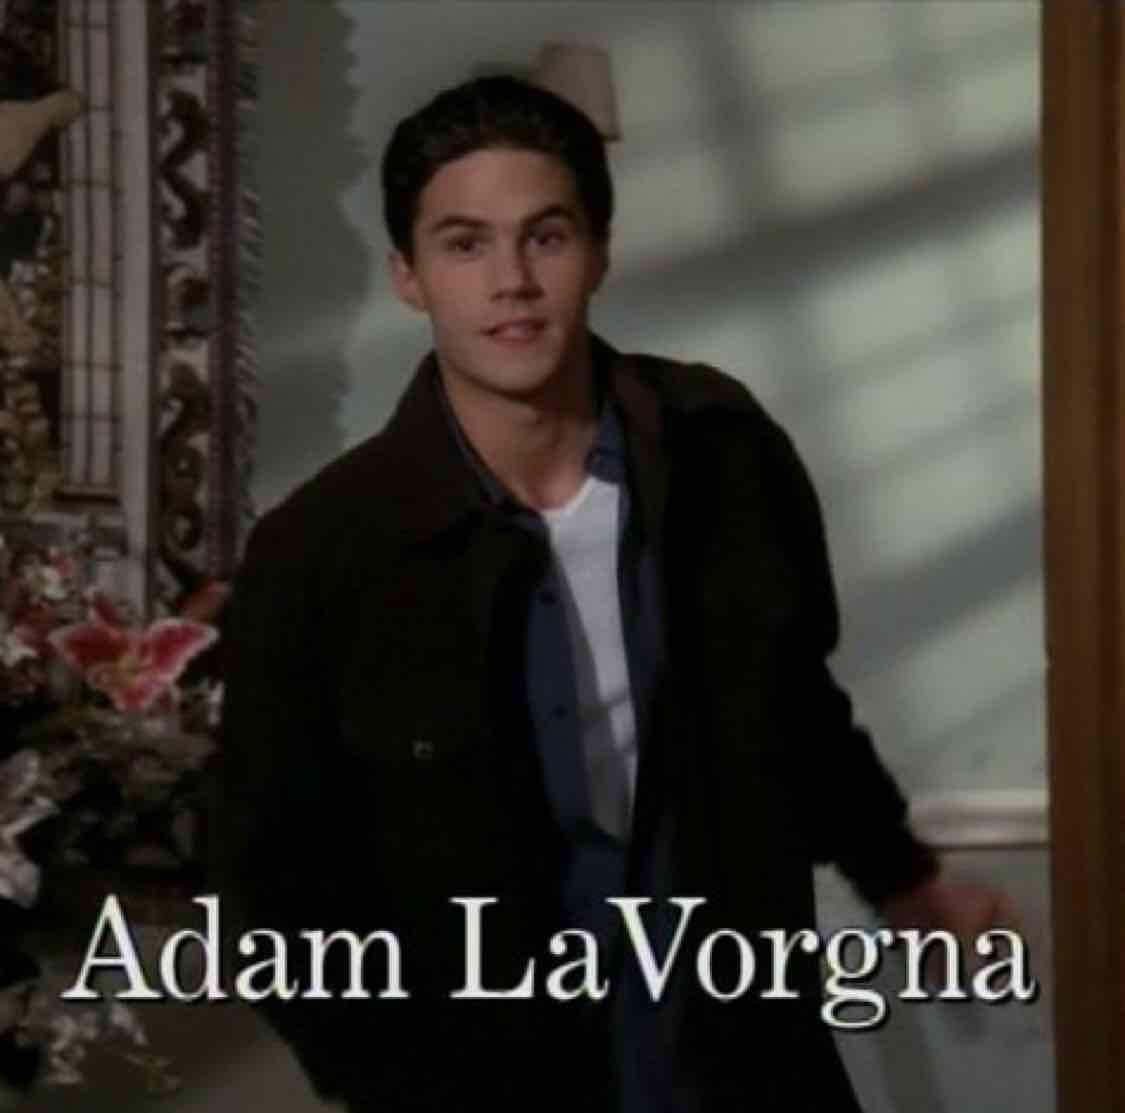 Avatar of Adam LaVorgna